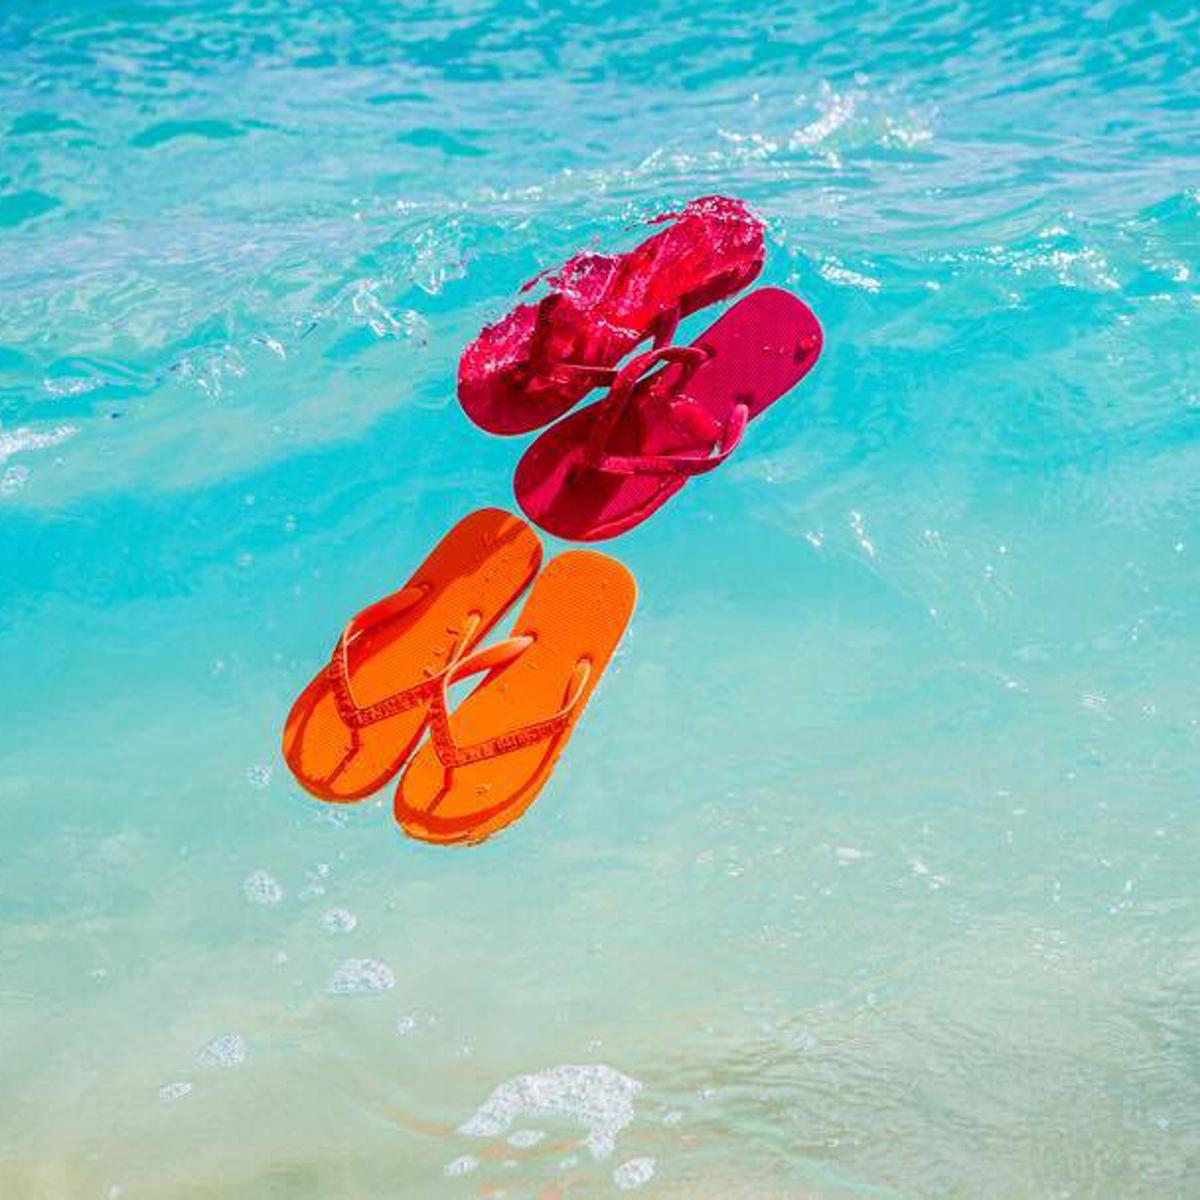 ハワイ生まれのLOHASなビーチサンダル|最高級天然ゴム&2重ソールで、足も心もヘルシーに